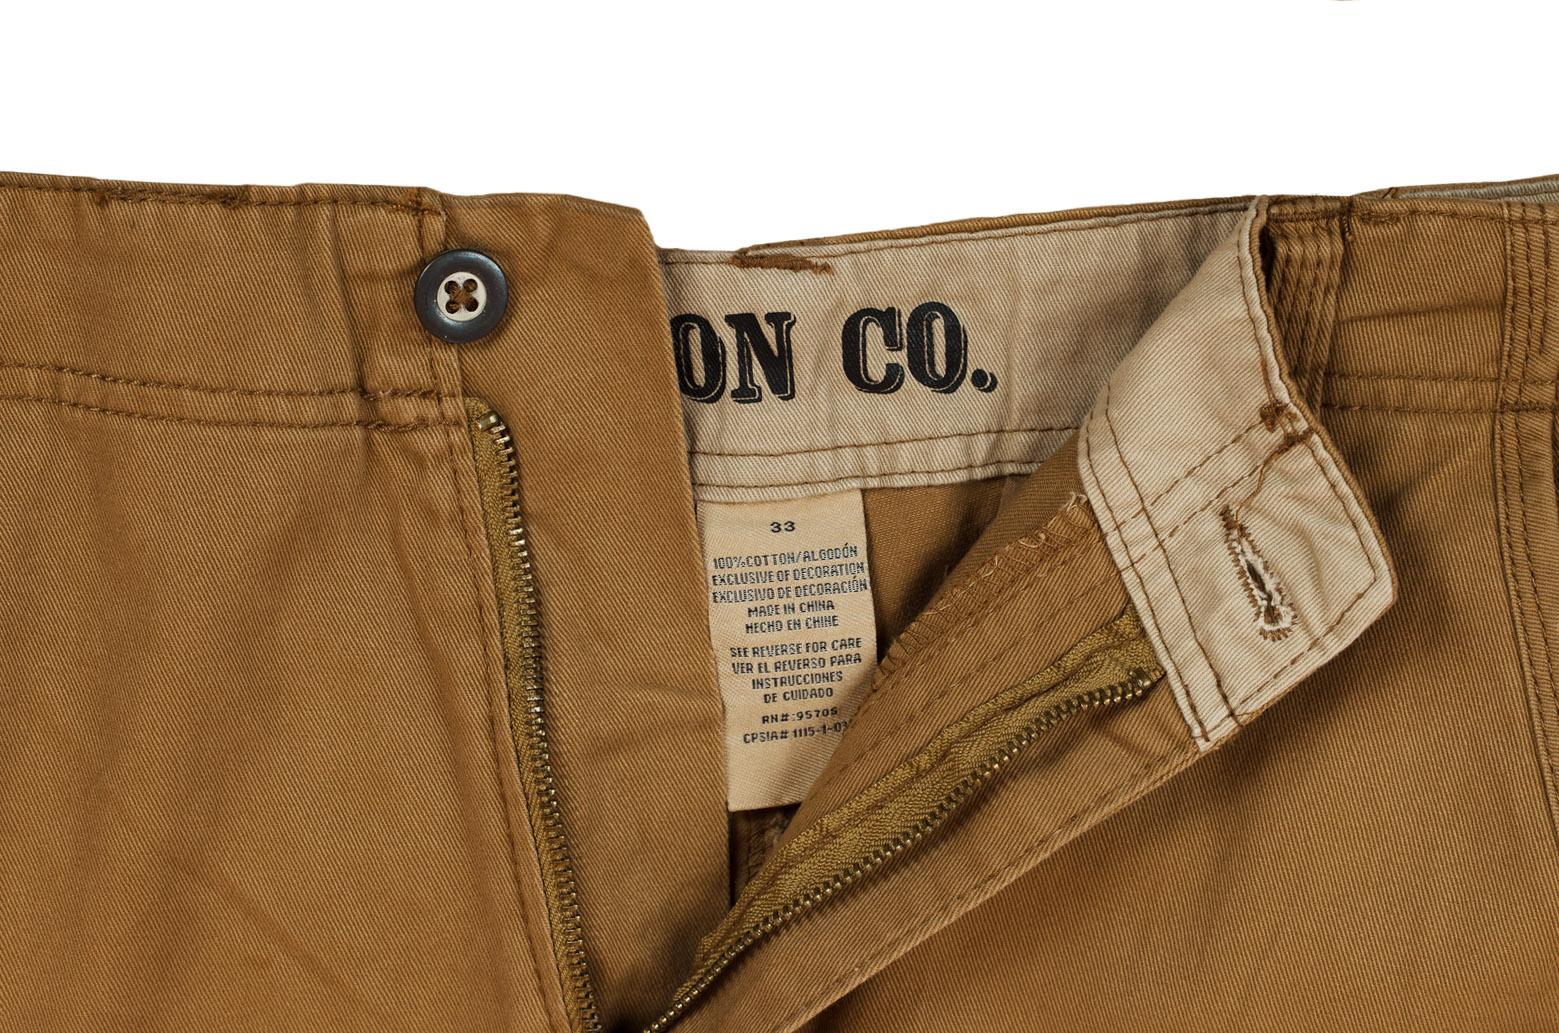 Повседневные шорты - производитель Iron Co.